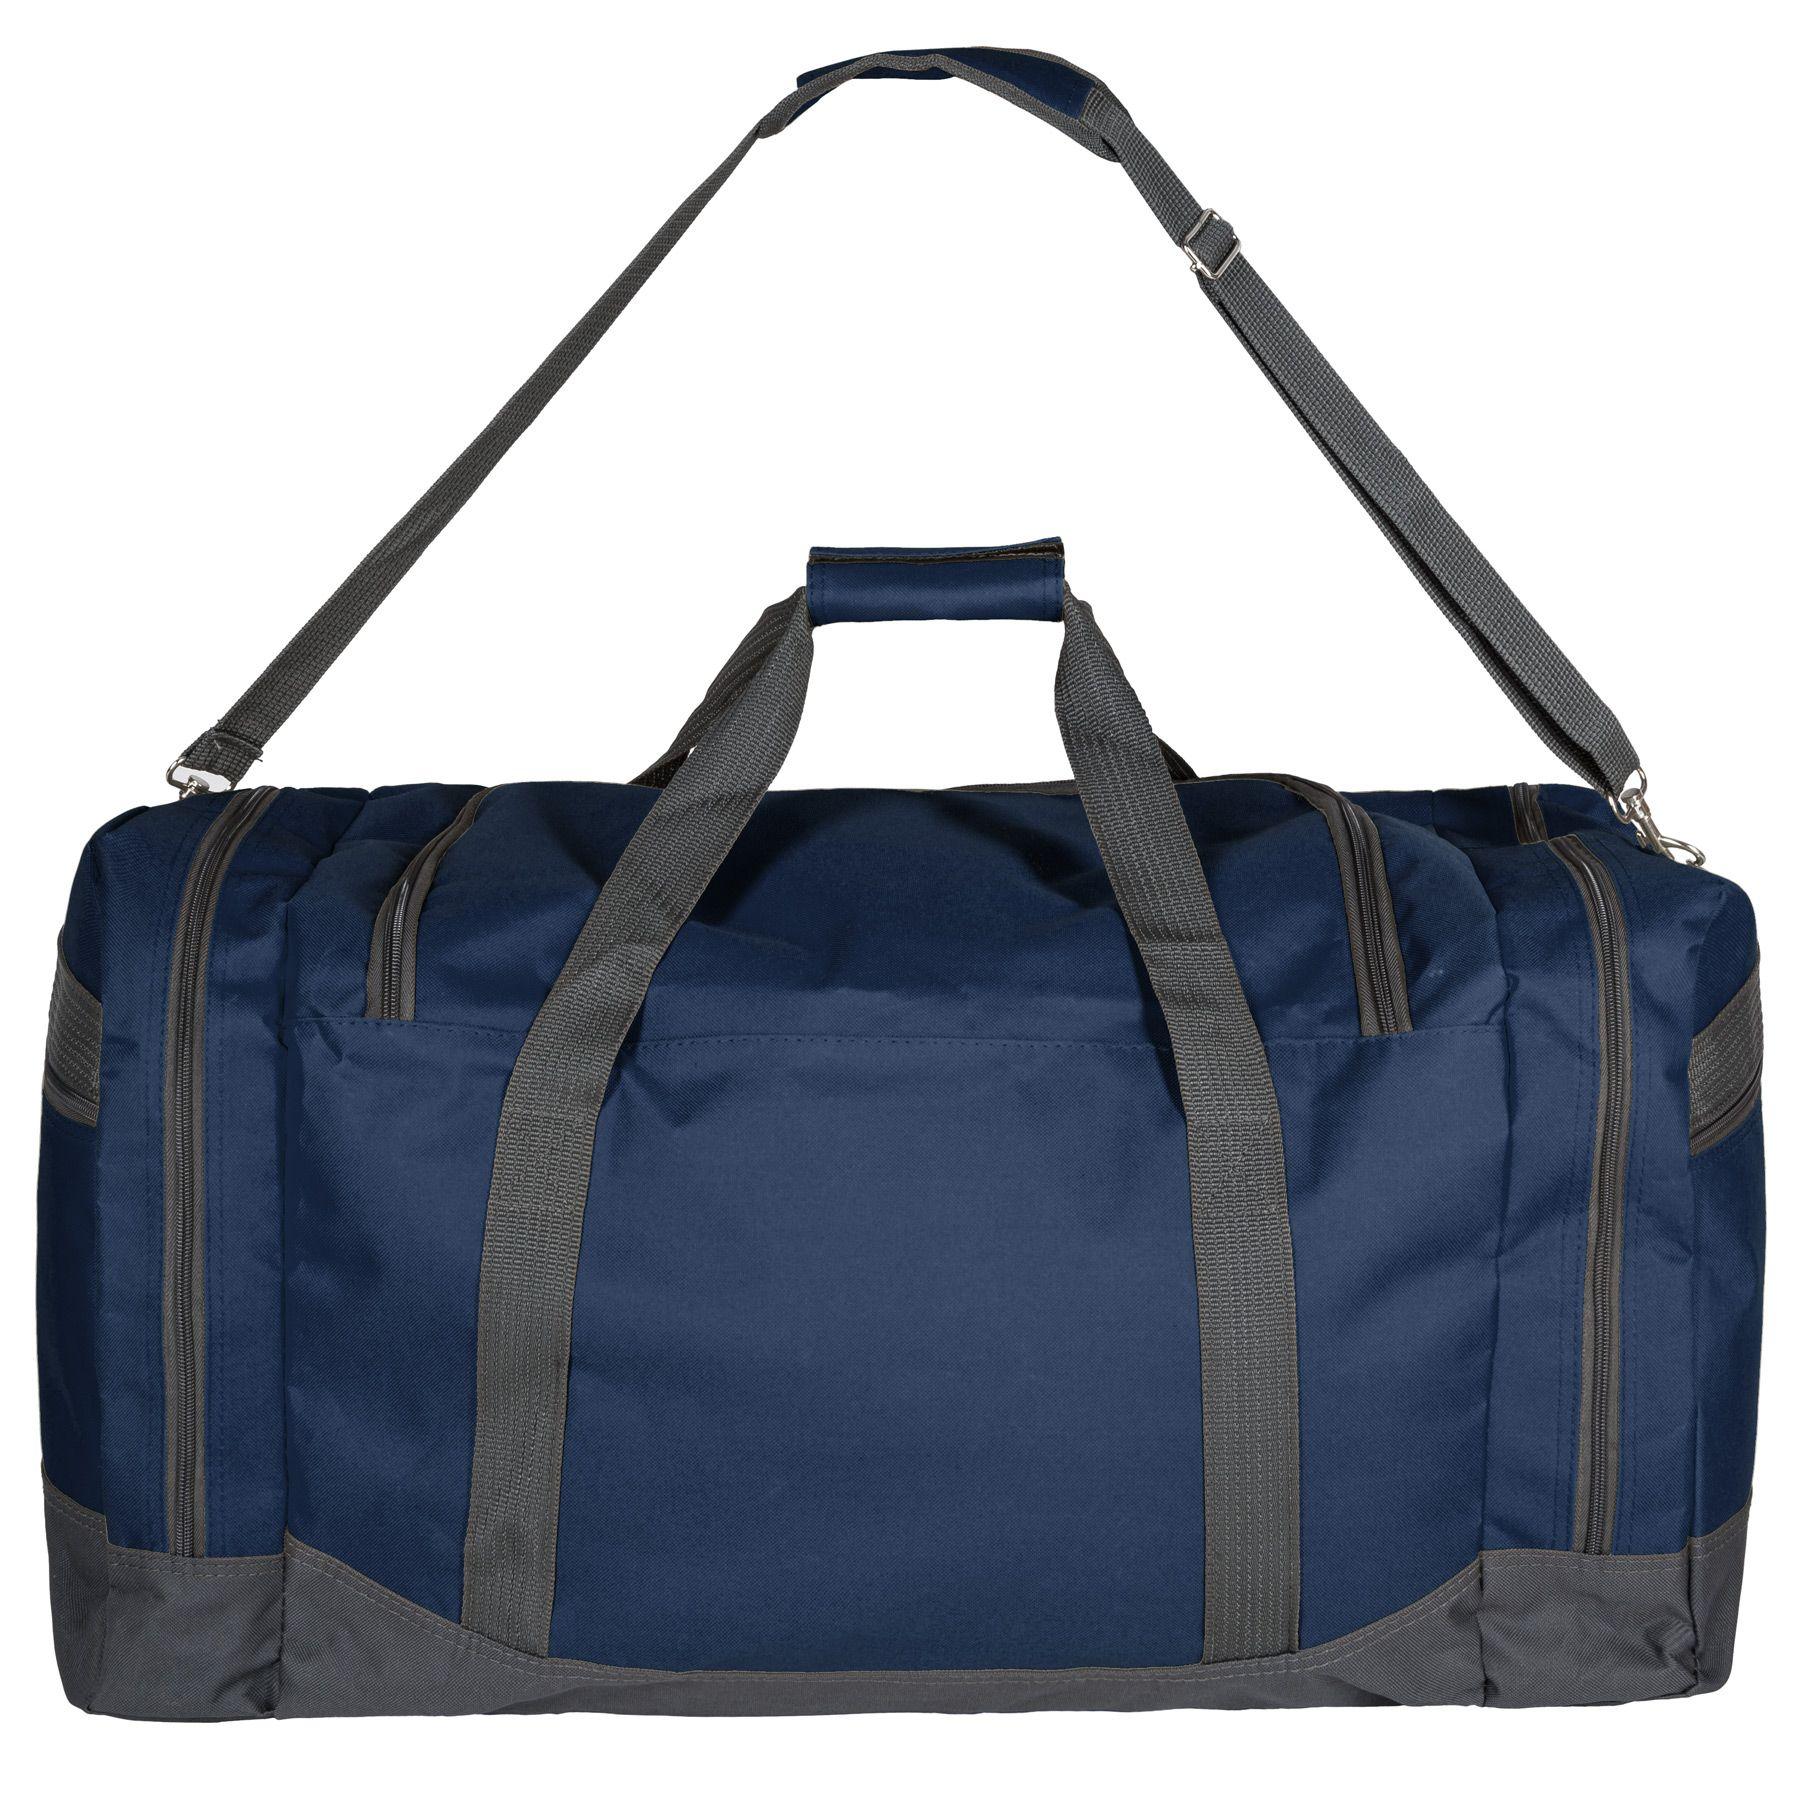 97d111bdd6eb Ob zum Sport, in der Freizeit oder für Kurz- und Wochenendtrips, die  Reisetasche von TecTake wird zu Ihrem hilfreichen Begleiter. Die Reisetasche  hat einen ...